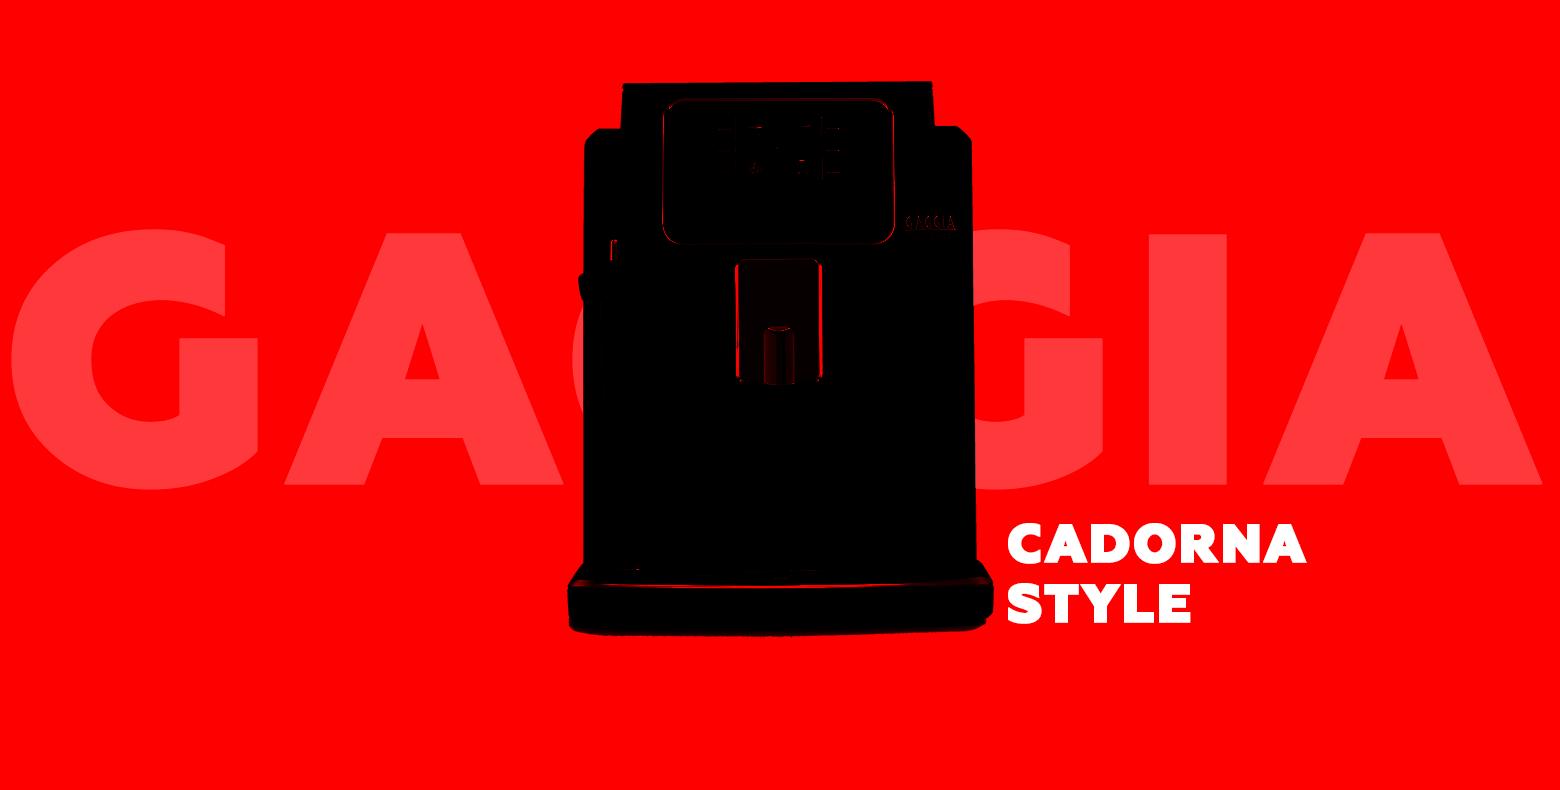 GAGGIA CADORNA STYLE серия кофемашин